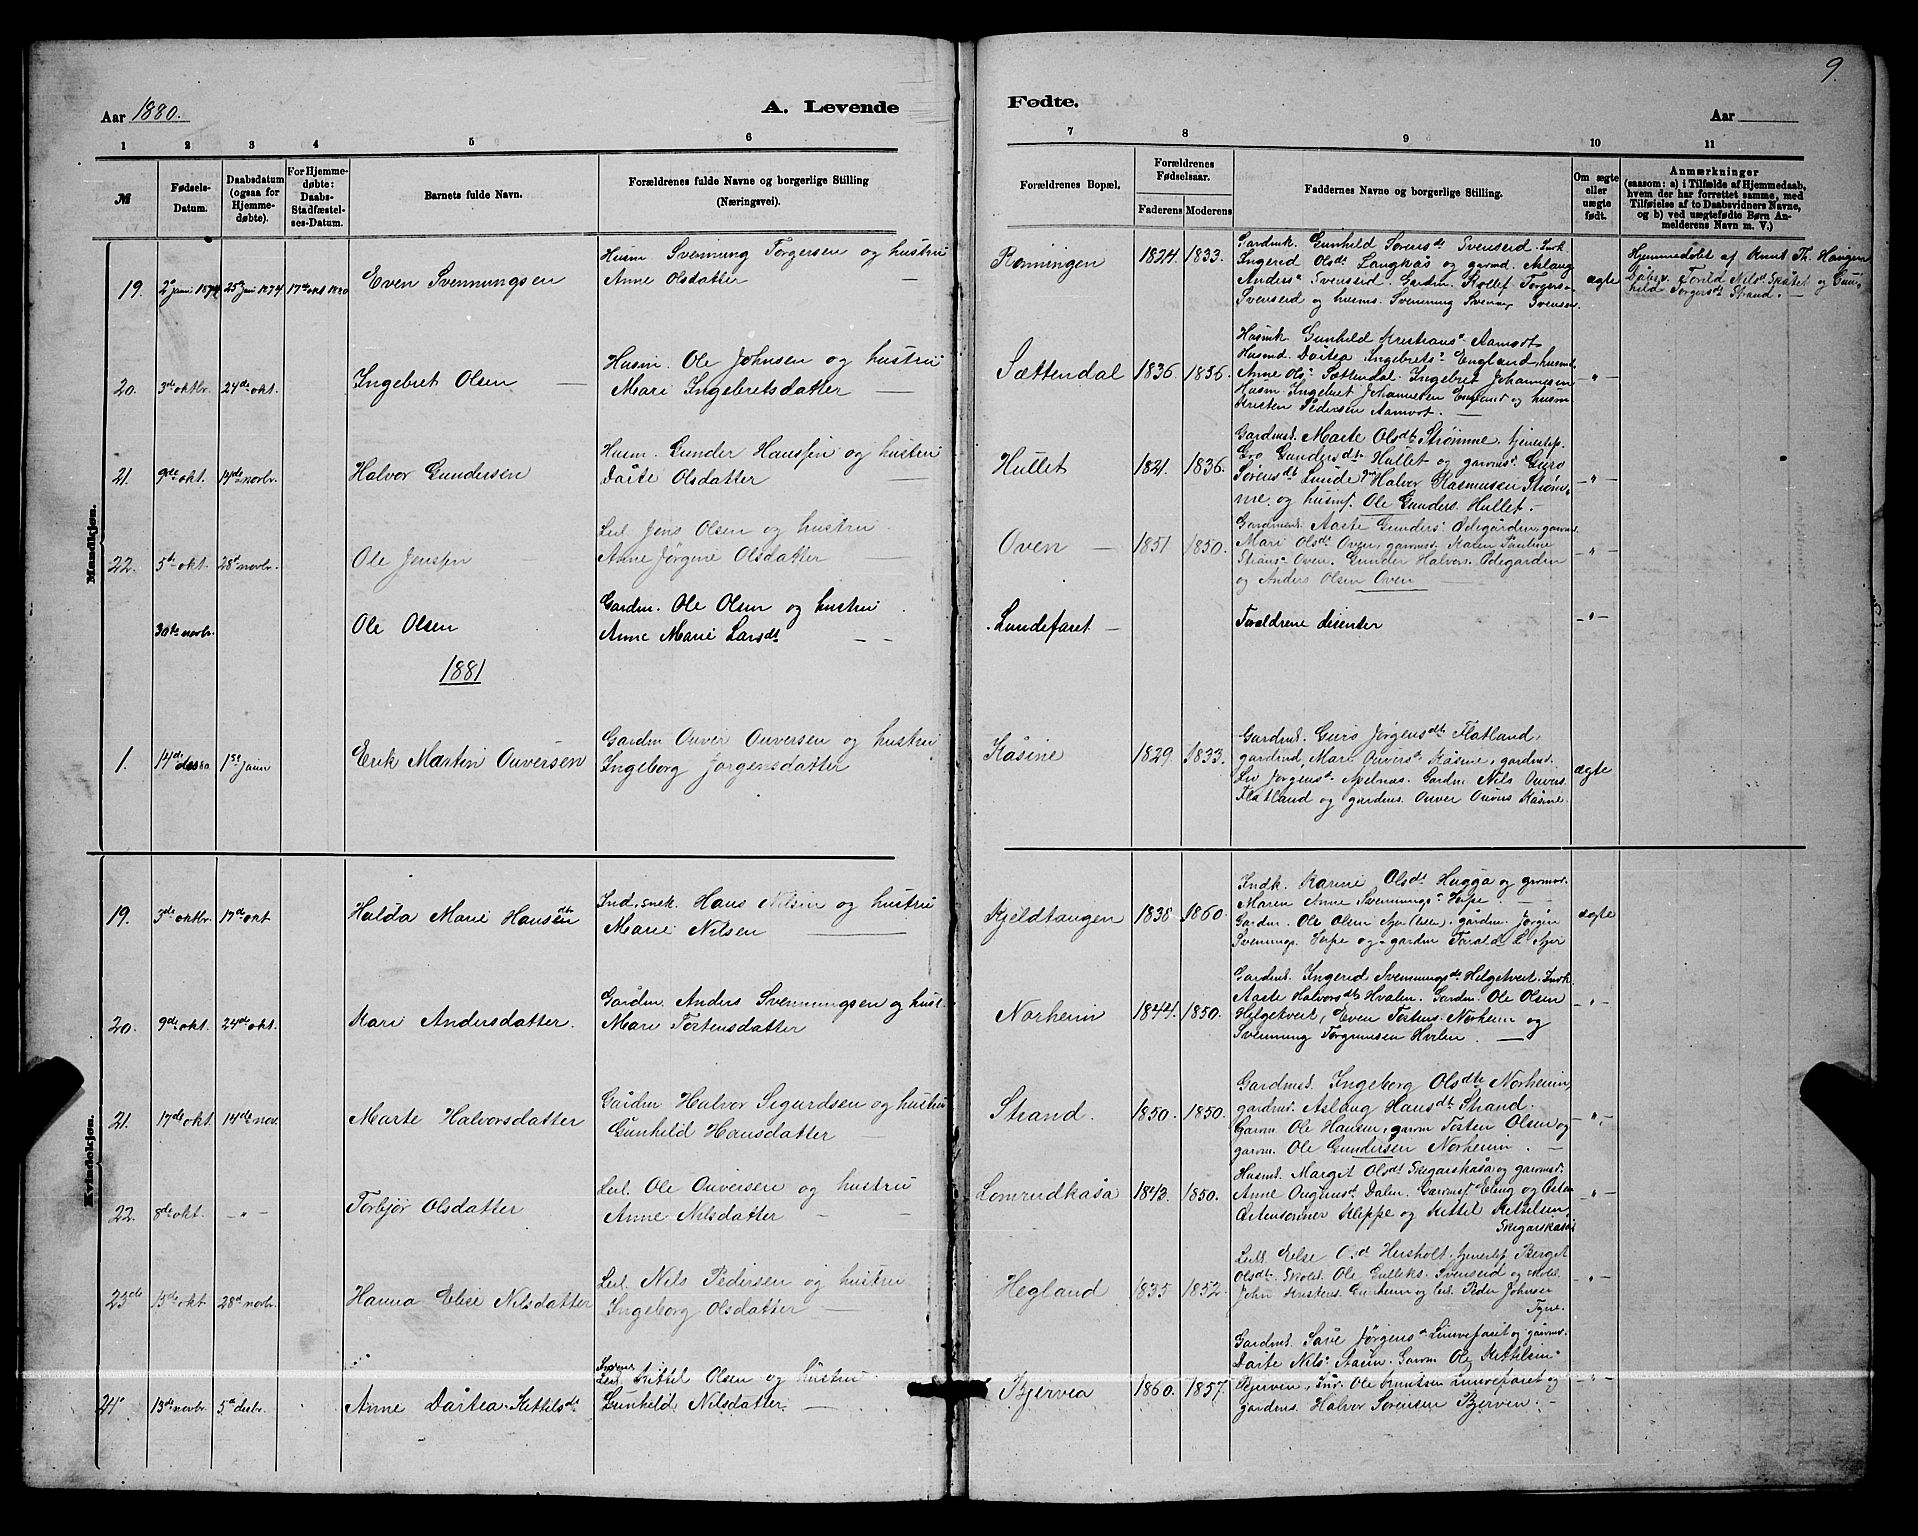 SAKO, Lunde kirkebøker, G/Ga/L0001b: Klokkerbok nr. I 1, 1879-1887, s. 9